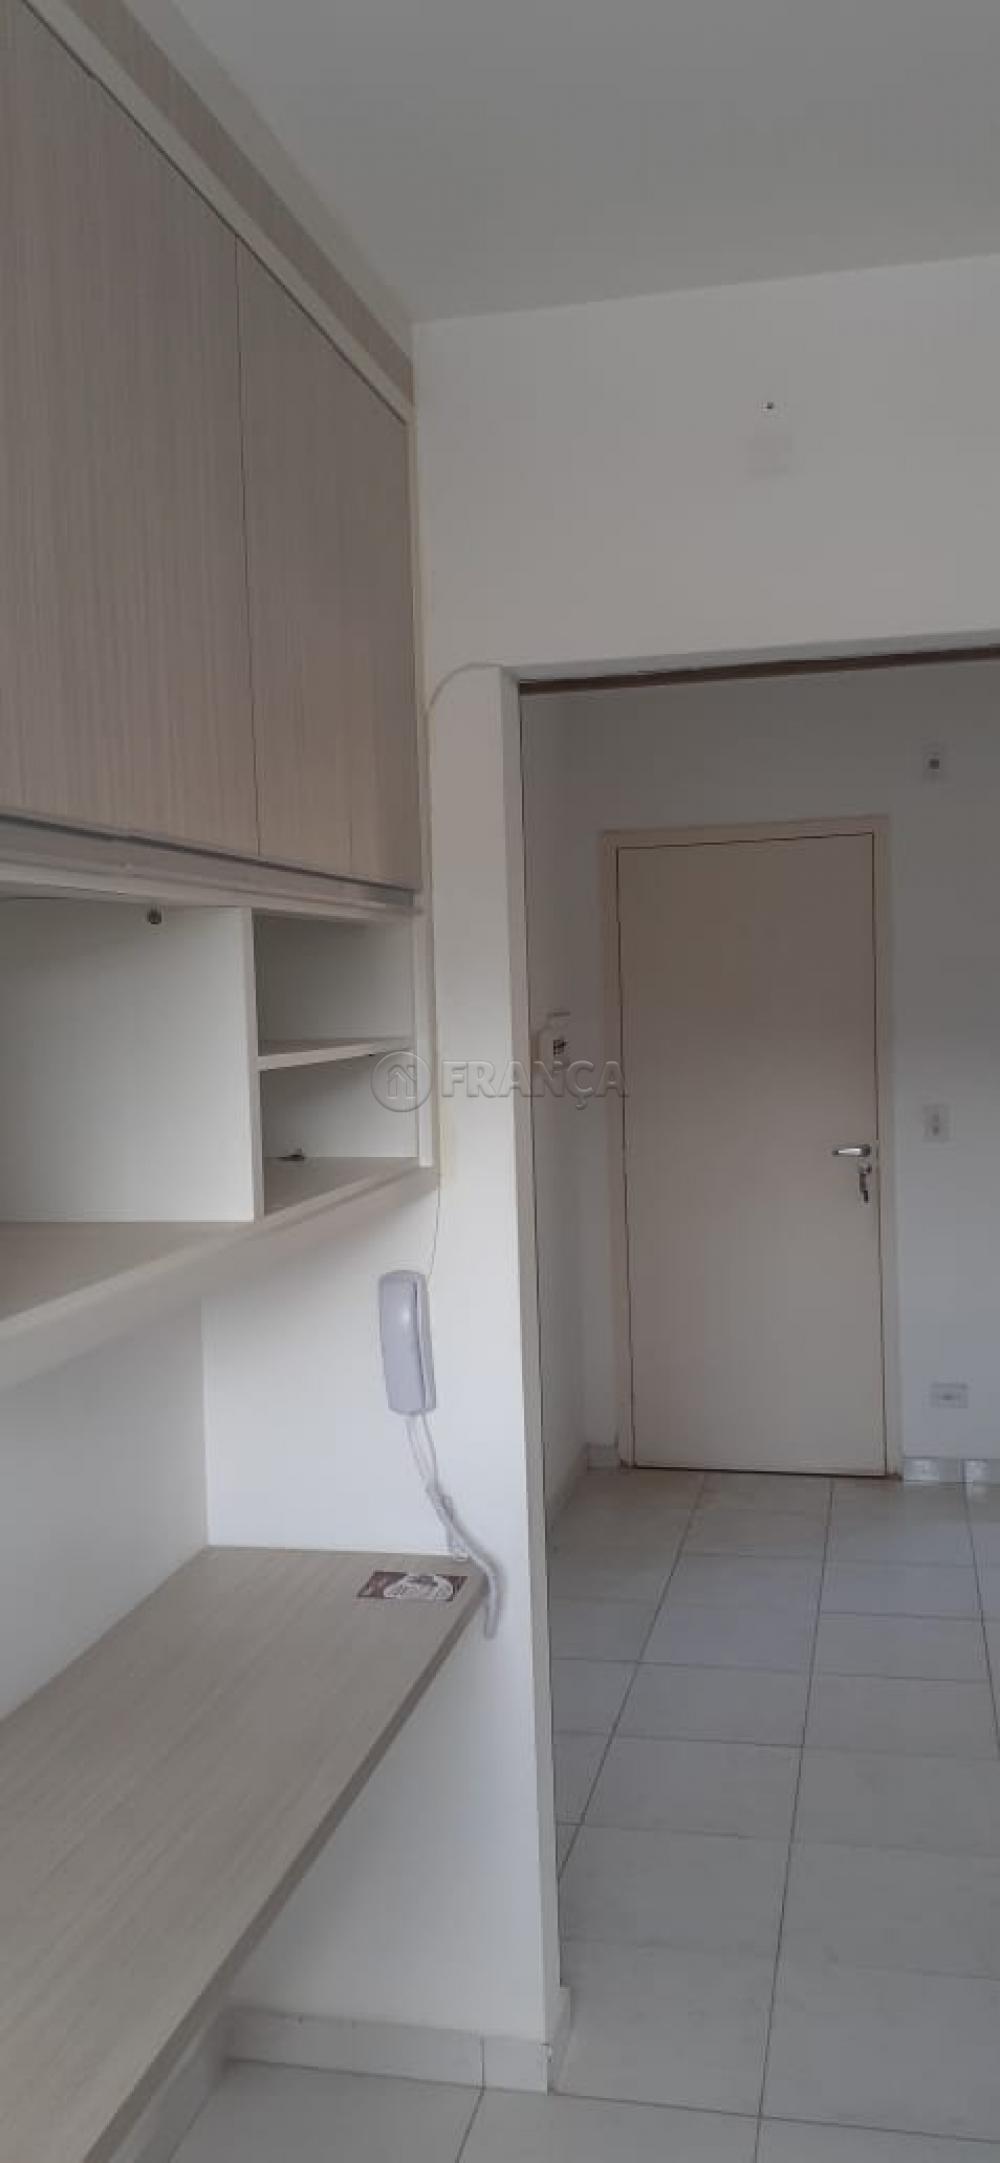 Comprar Apartamento / Padrão em Jacareí R$ 140.000,00 - Foto 3